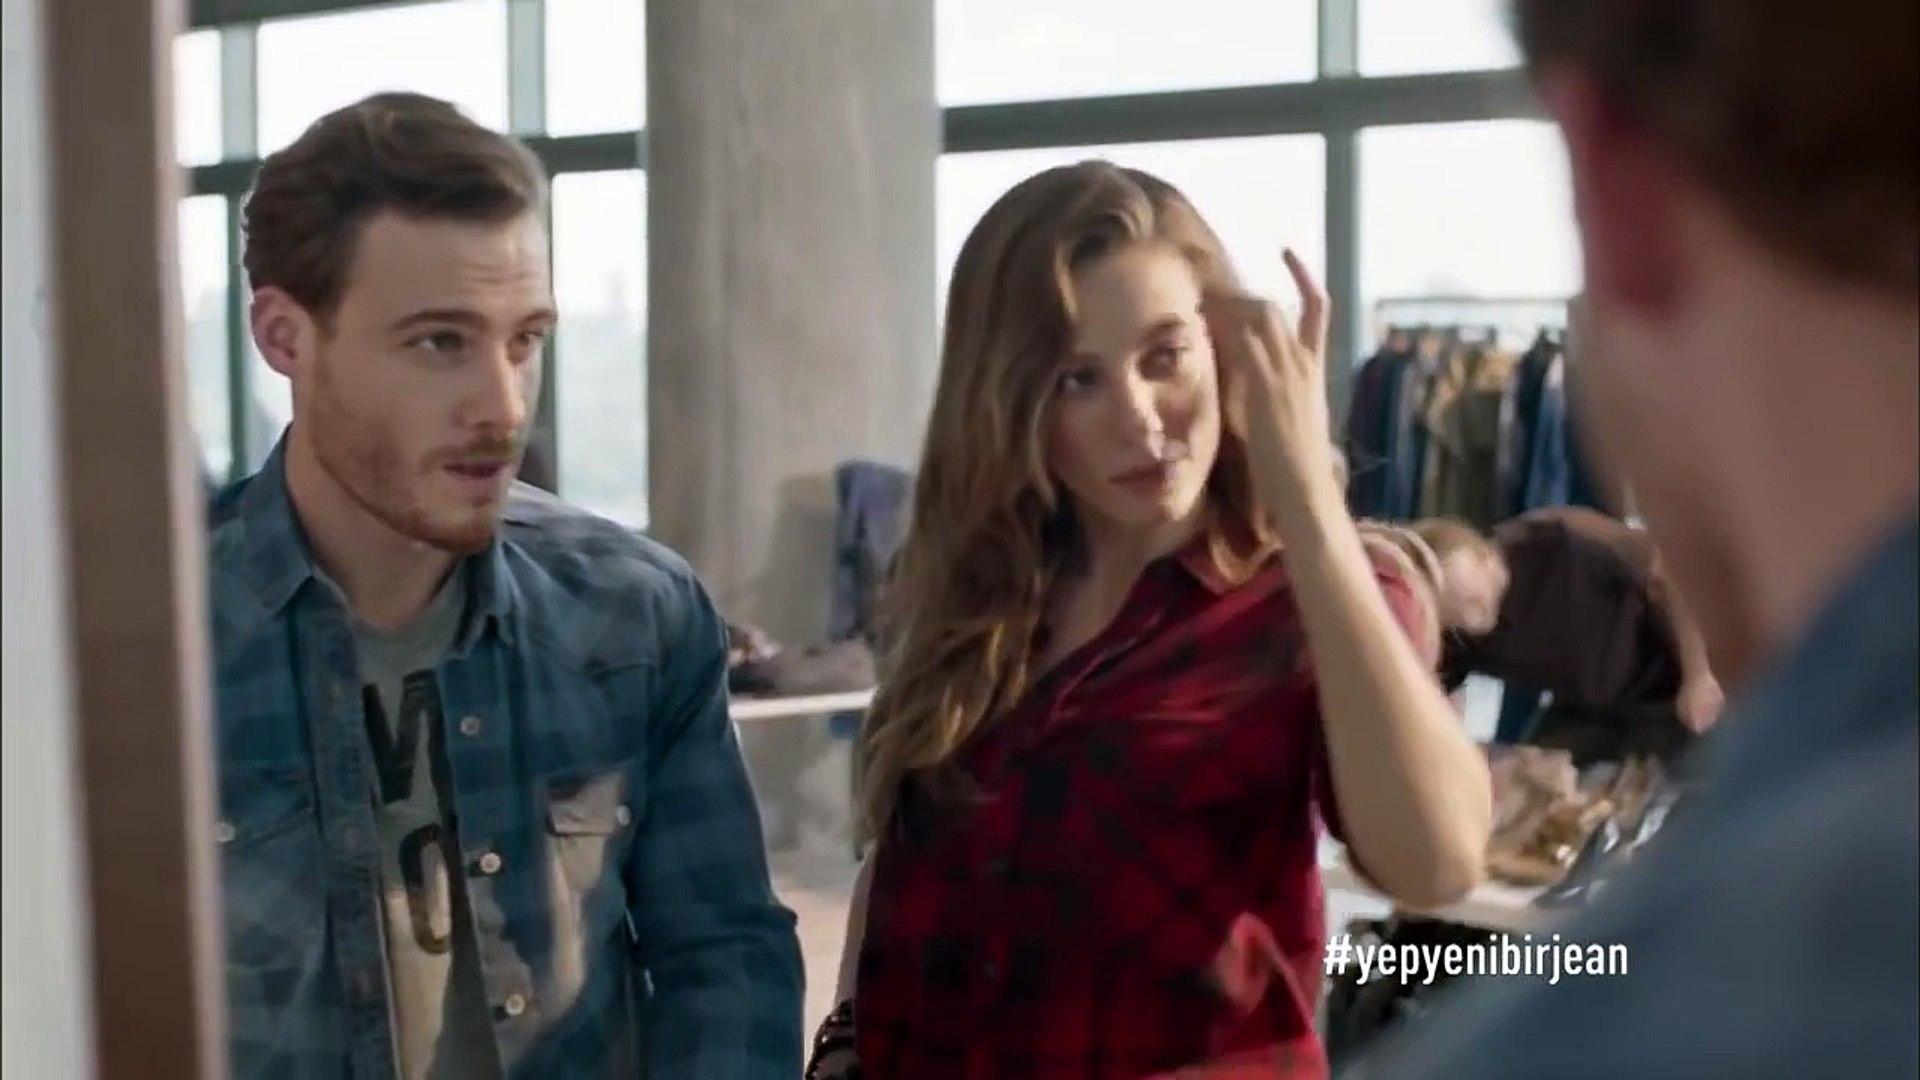 Kerem Bursin Serenay Sarıkaya Mavi Reklam Filmi Eylül 2015 #Yepyenibirjean